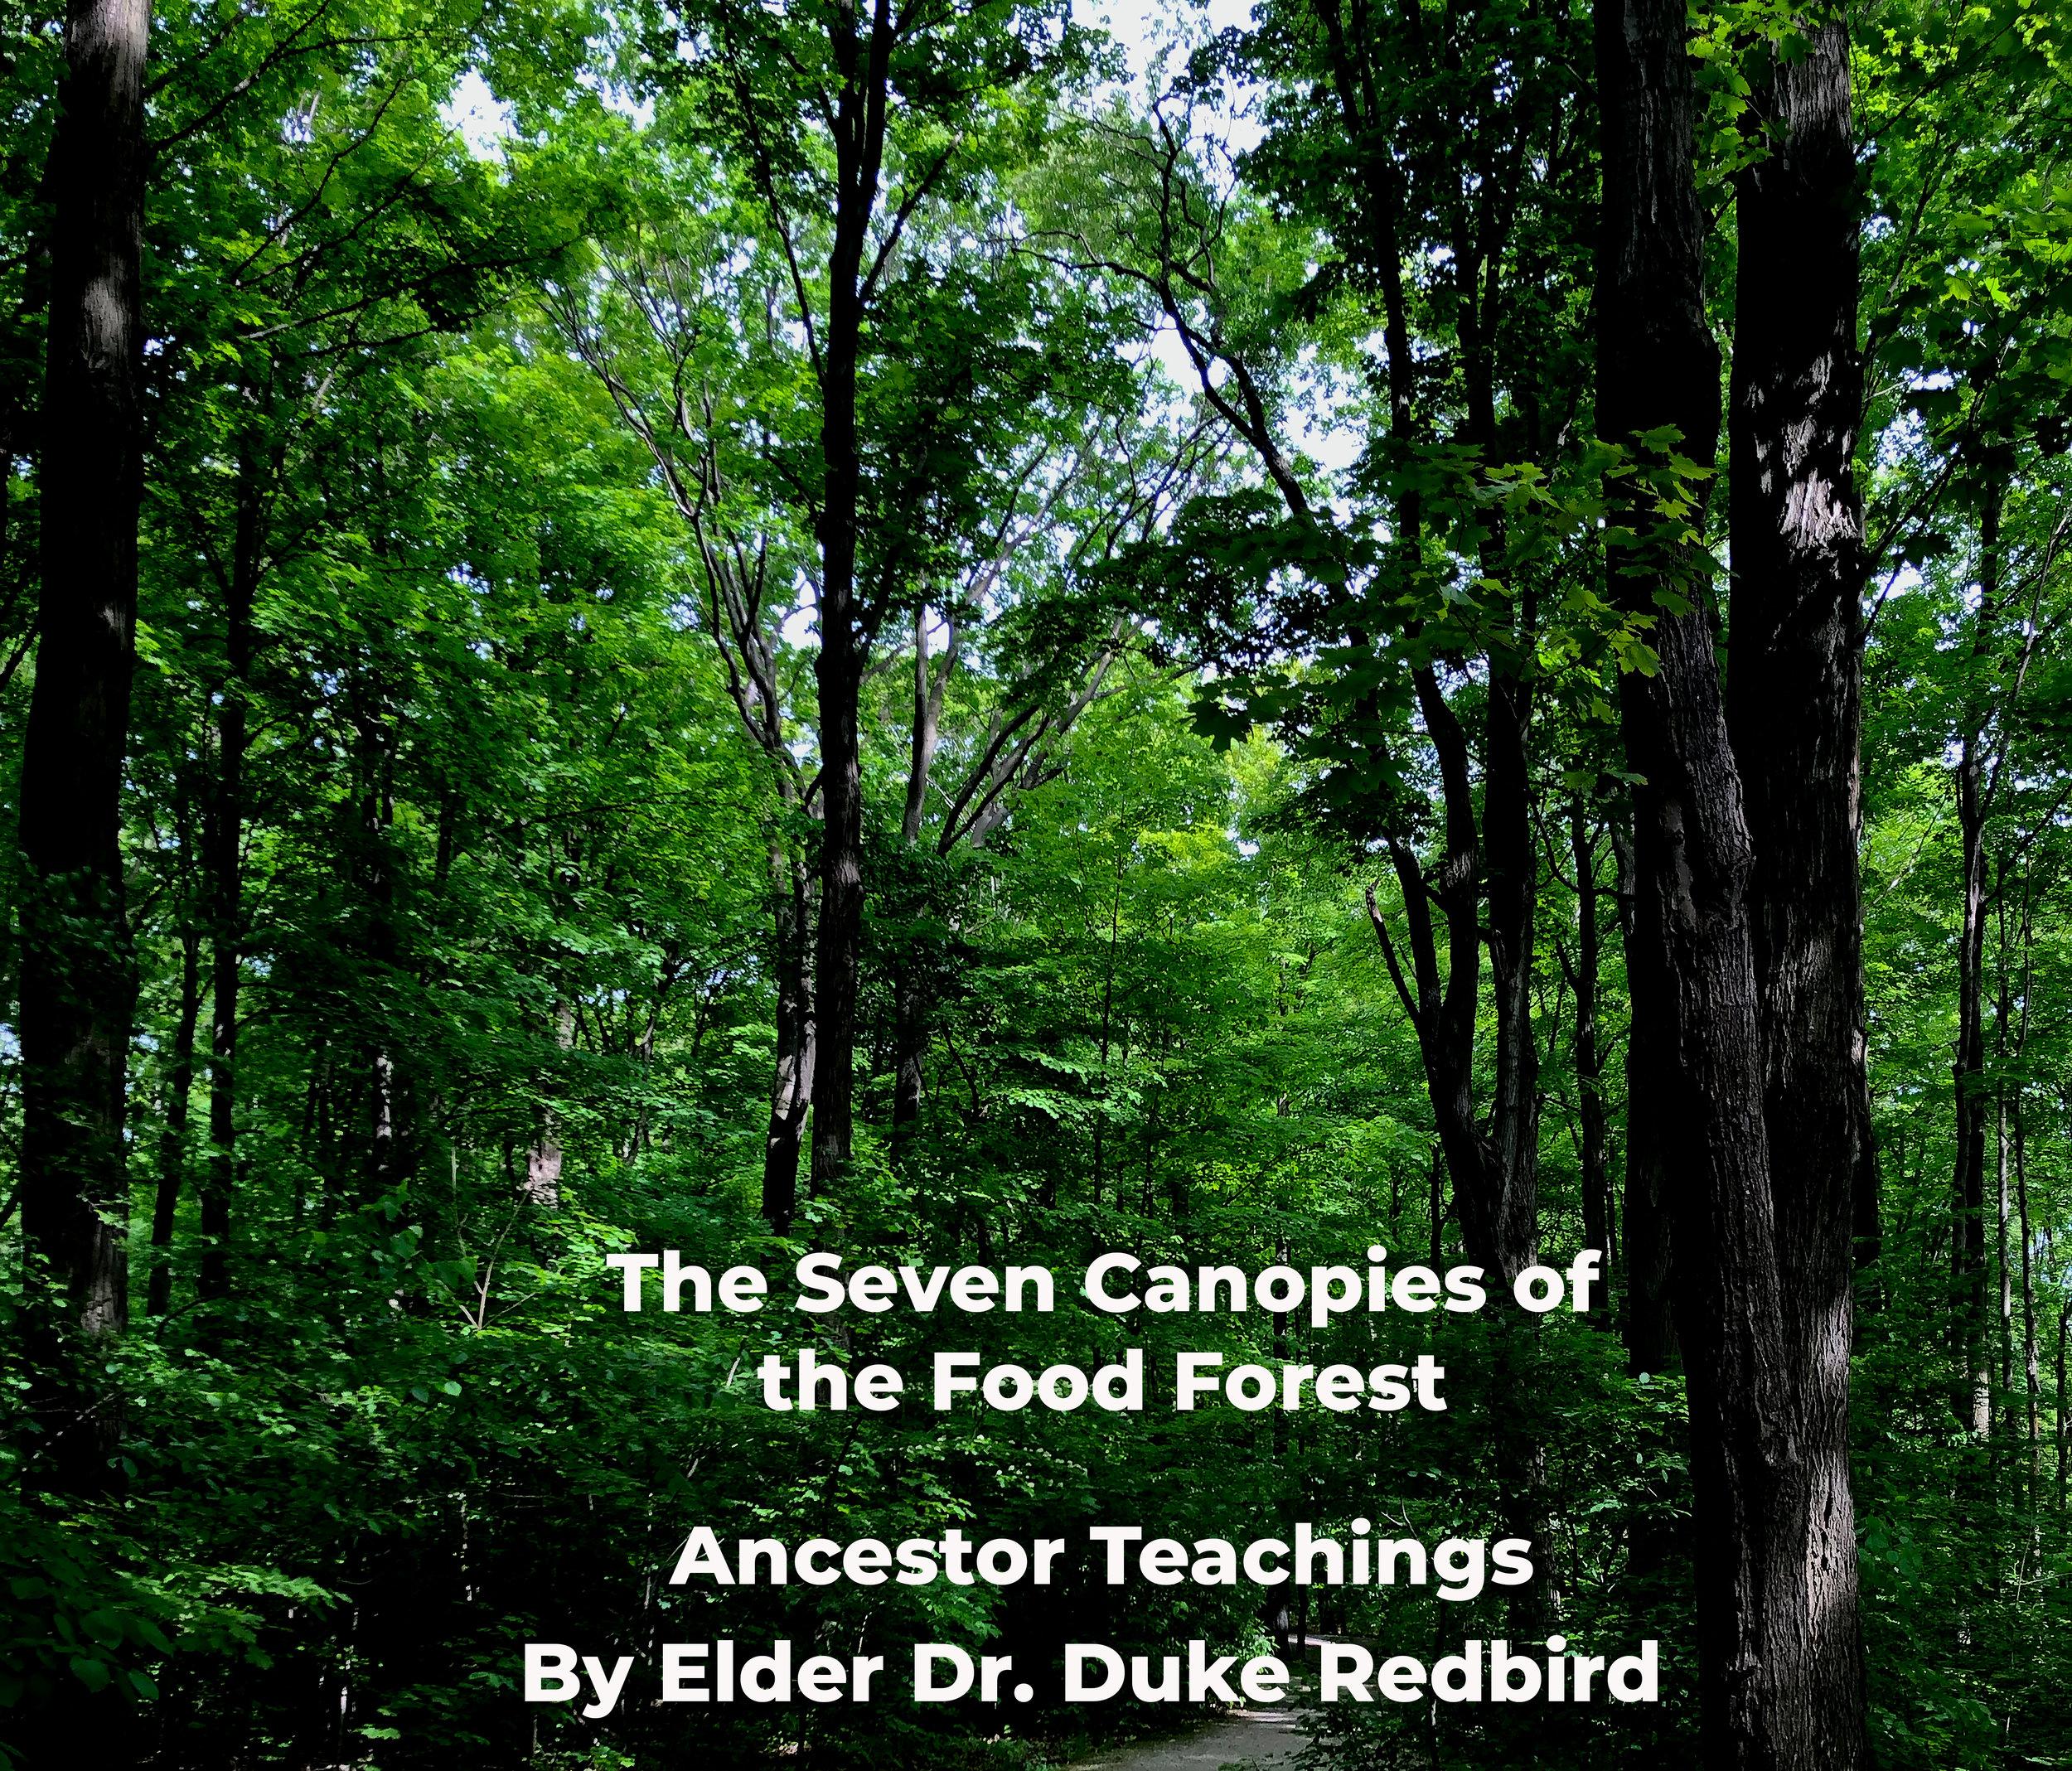 Food Forest Image.jpg